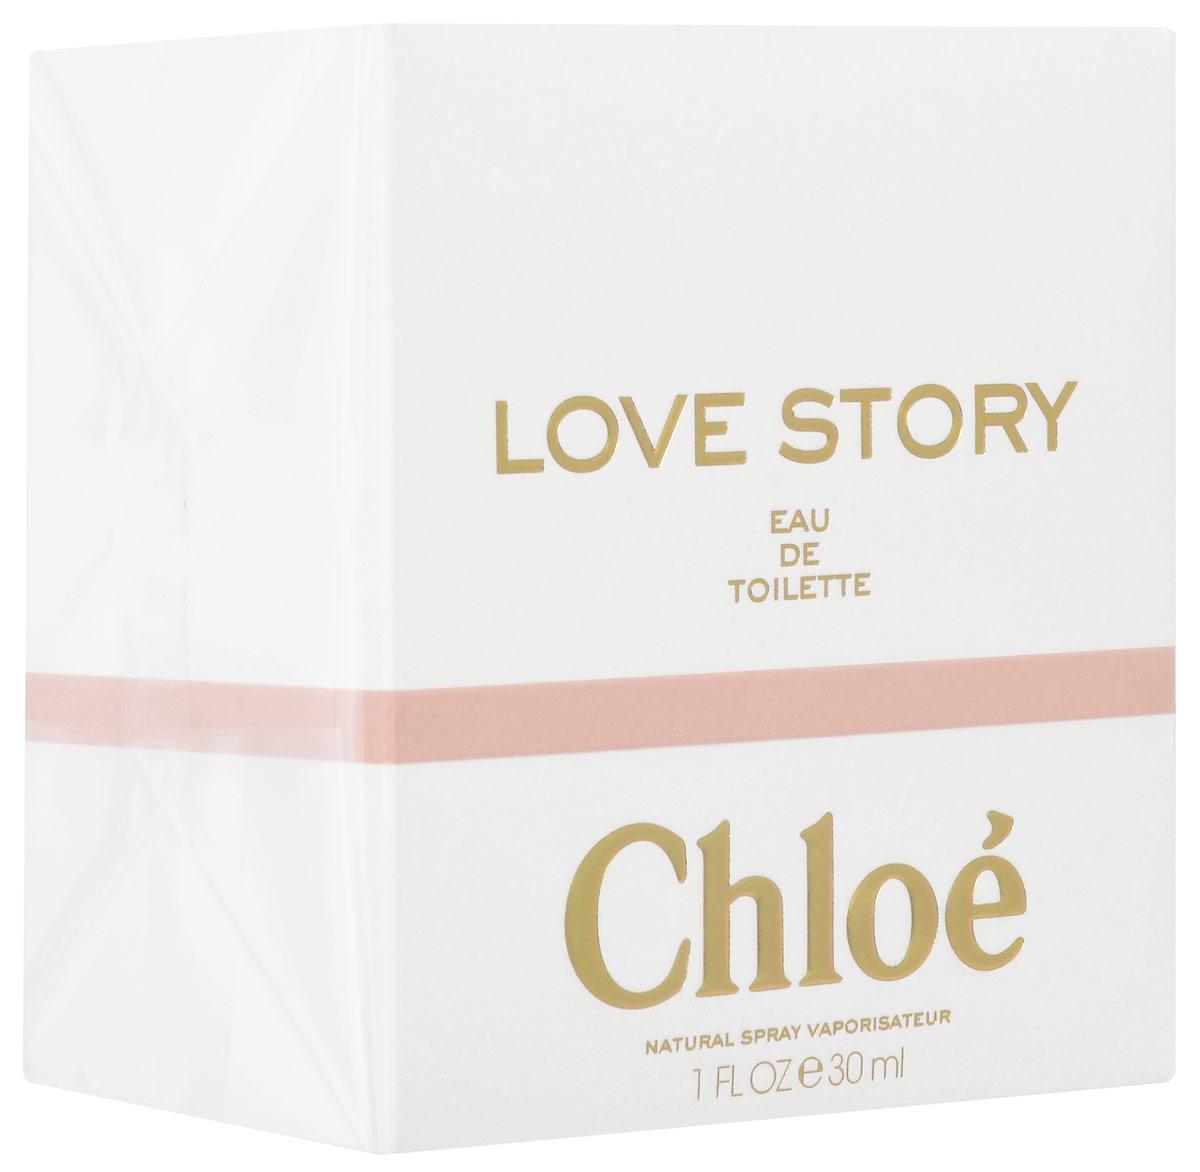 Chloe Love Story Туалетная вода женская 30 мл64990440000Особенное утро, наполненное сверкающим светом. Нежный цветочный аромат бутонов апельсина сливается со свежестью утренней росы. Она вспоминает их смех. Искры настурции, легкая перчинка - эти ноты заставляют ее трепетать от неги. Этот цветок - символ любви, который дается лишь тому, кто готов открыть своё сердце. Воспоминания о пламенном свидании в пустом городе, они - рука об руку. Настоящая близость. Цветущая слива раскрывает природную чувственность. Невероятно изысканное звучание, обрамленное цветочными нотами. Туалетная вода Chloe Love Story - это новая история любви. Свежий, цветочный и очень чувственный аромат. Чистый соблазн, нанесенный на кожу. Верхняя нота: Бергамот; ноты сердца: Апельсин, Слива, Настурция, Ландыш. Средняя нота: Роза. Шлейф: белый мускус. Цветущая слива раскрывает природную чувственность. Дневной и вечерний аромат.